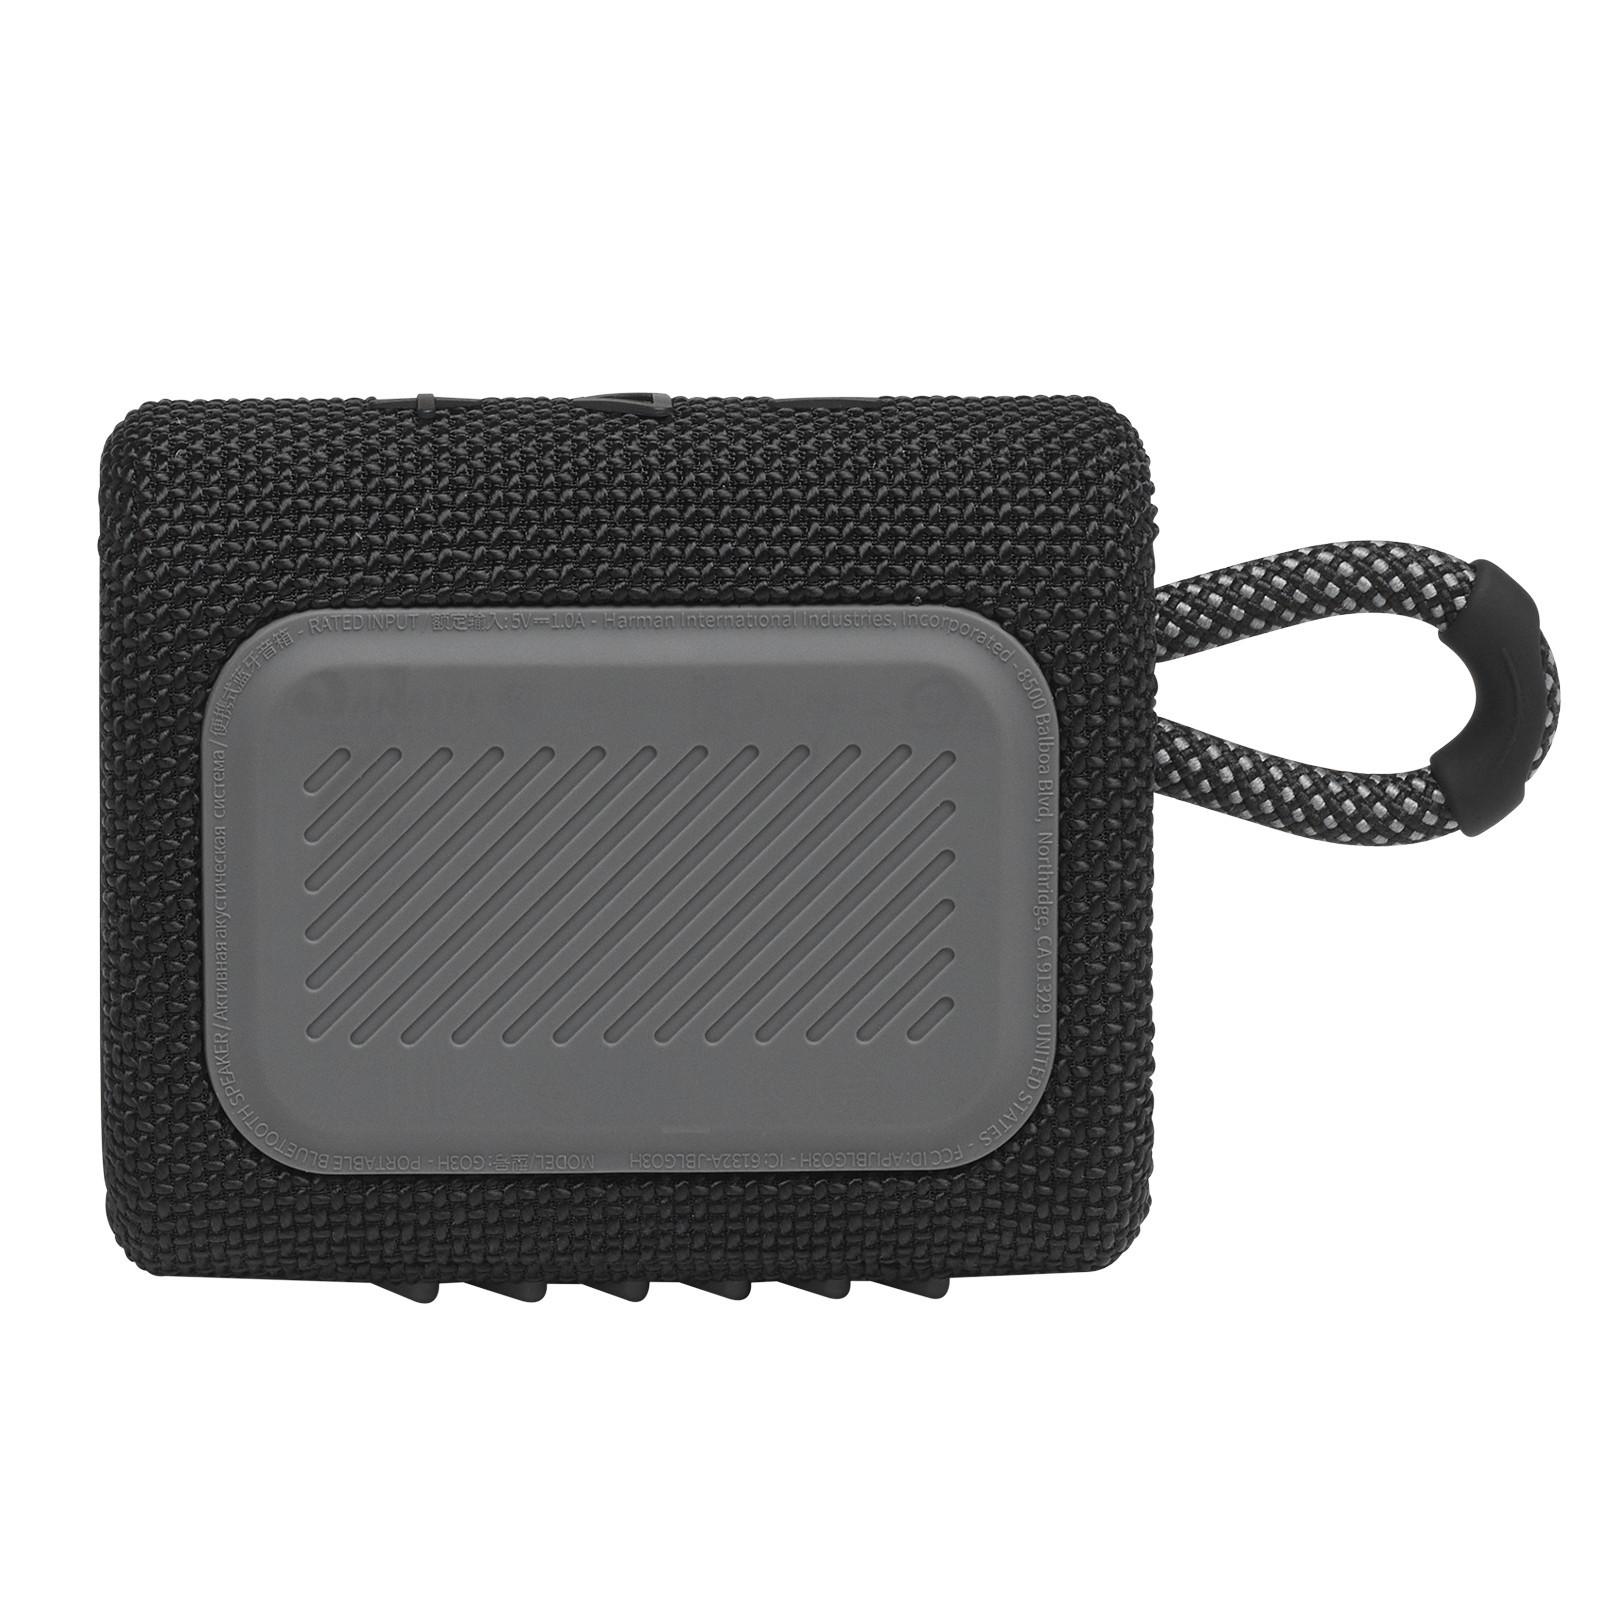 Caixa De Som Jbl Go3 Portátil Bluetooth Blk